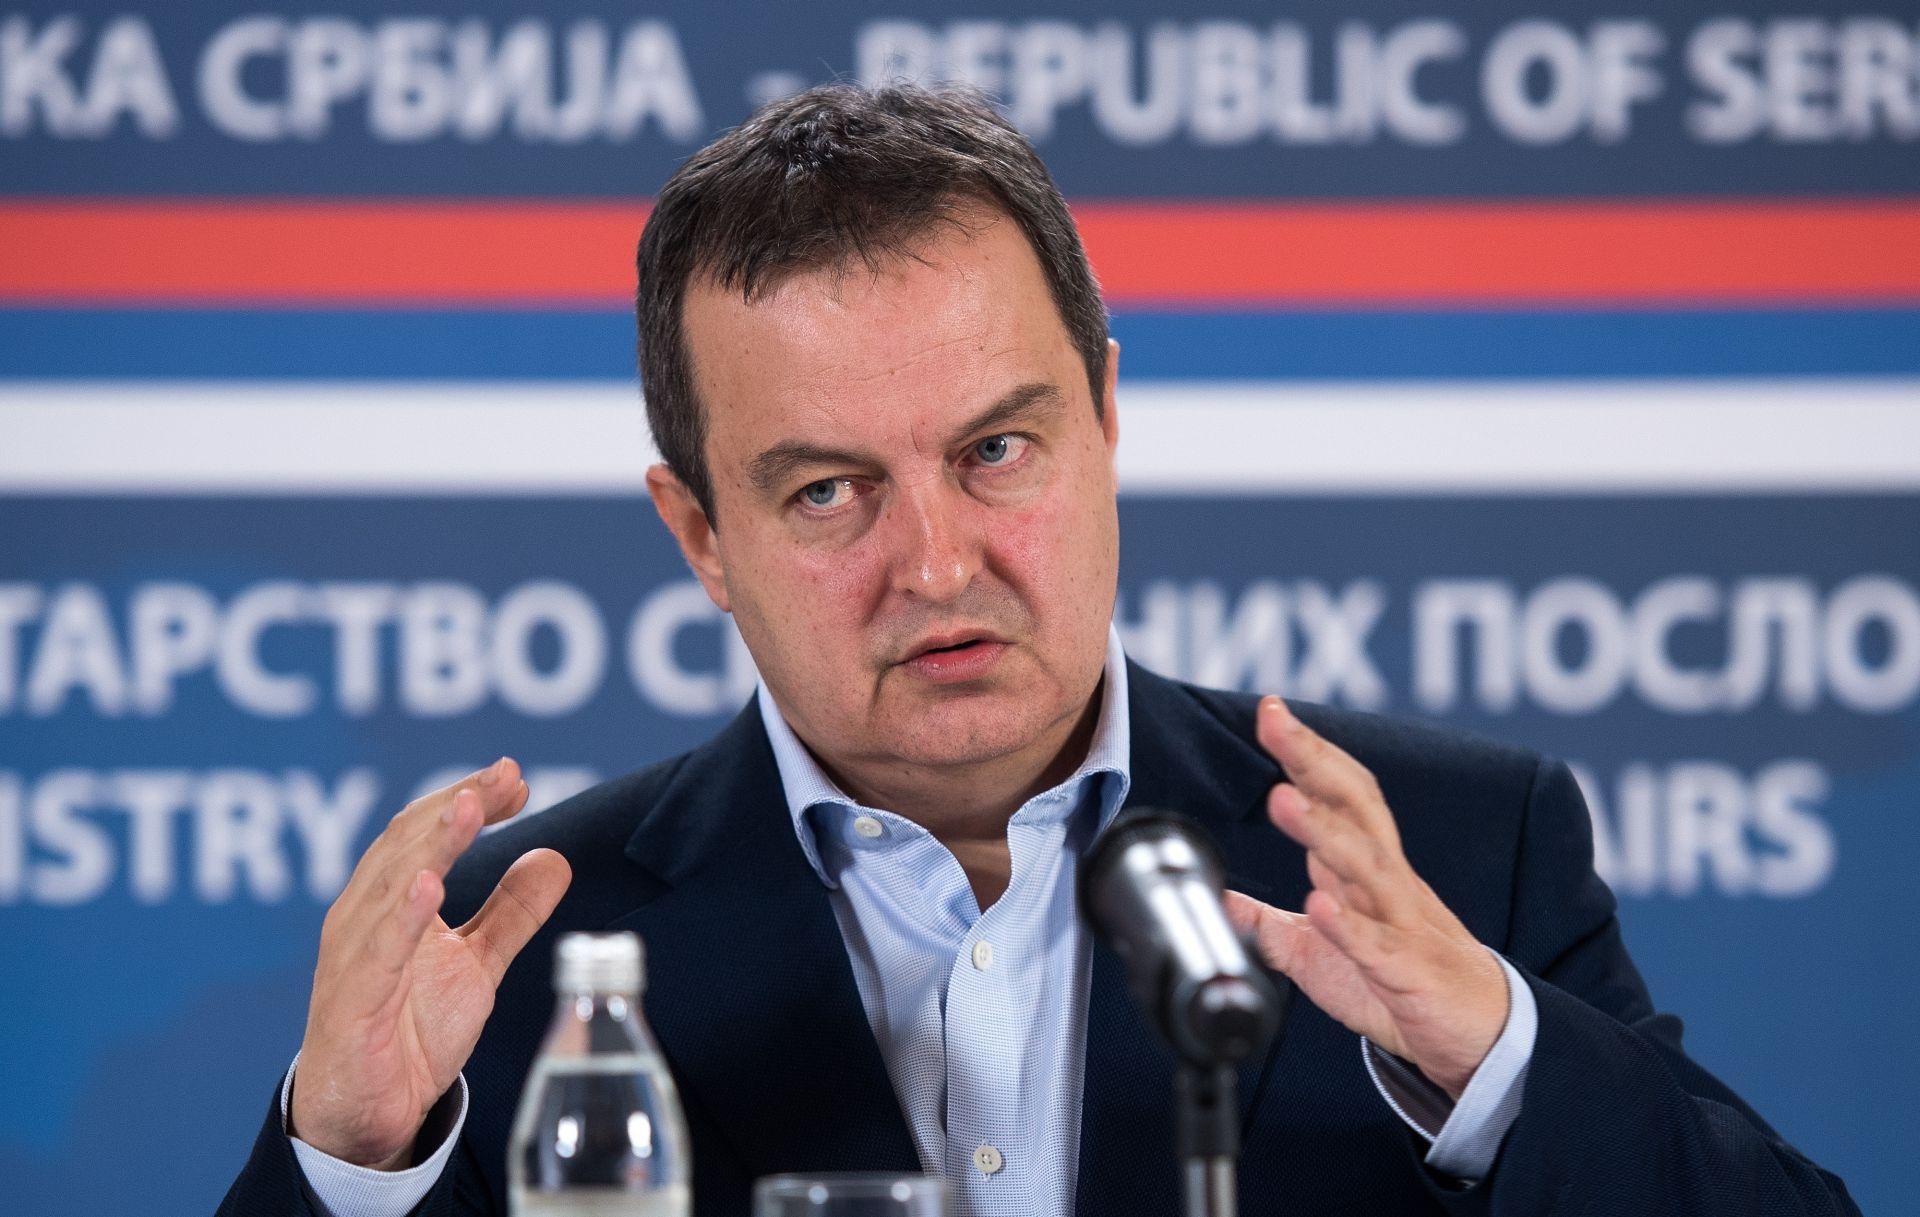 Srbija želi dijalog s Hrvatskom, ali se protivi rehabilitiranju ustaštva